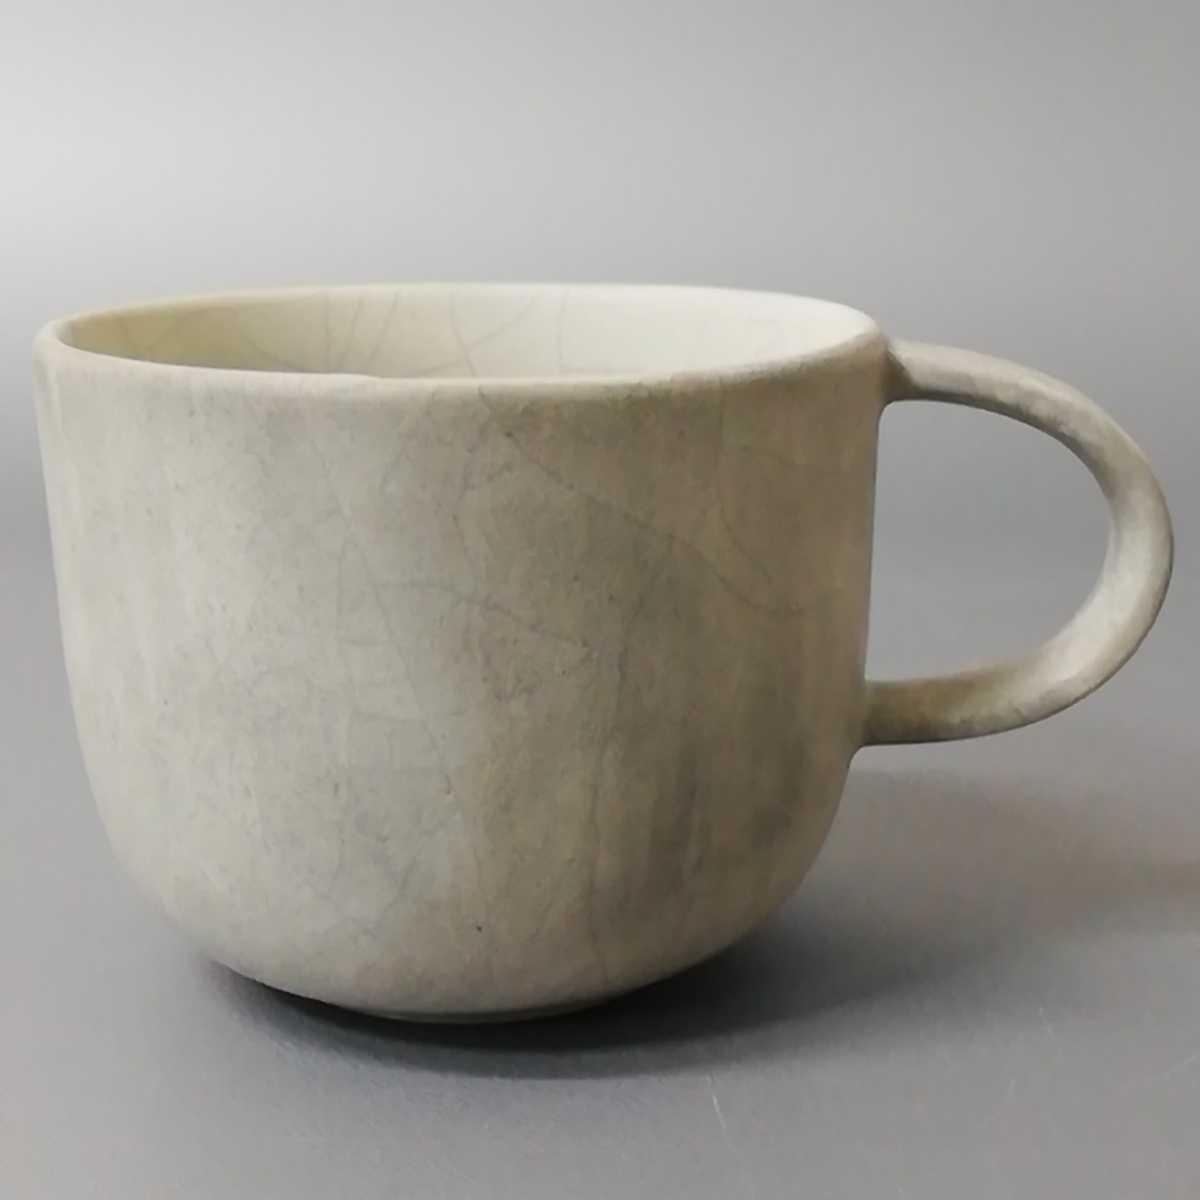 三23)萩焼 コーヒーカップ マグカップ 珈琲器 未使用新品 同梱歓迎_画像1